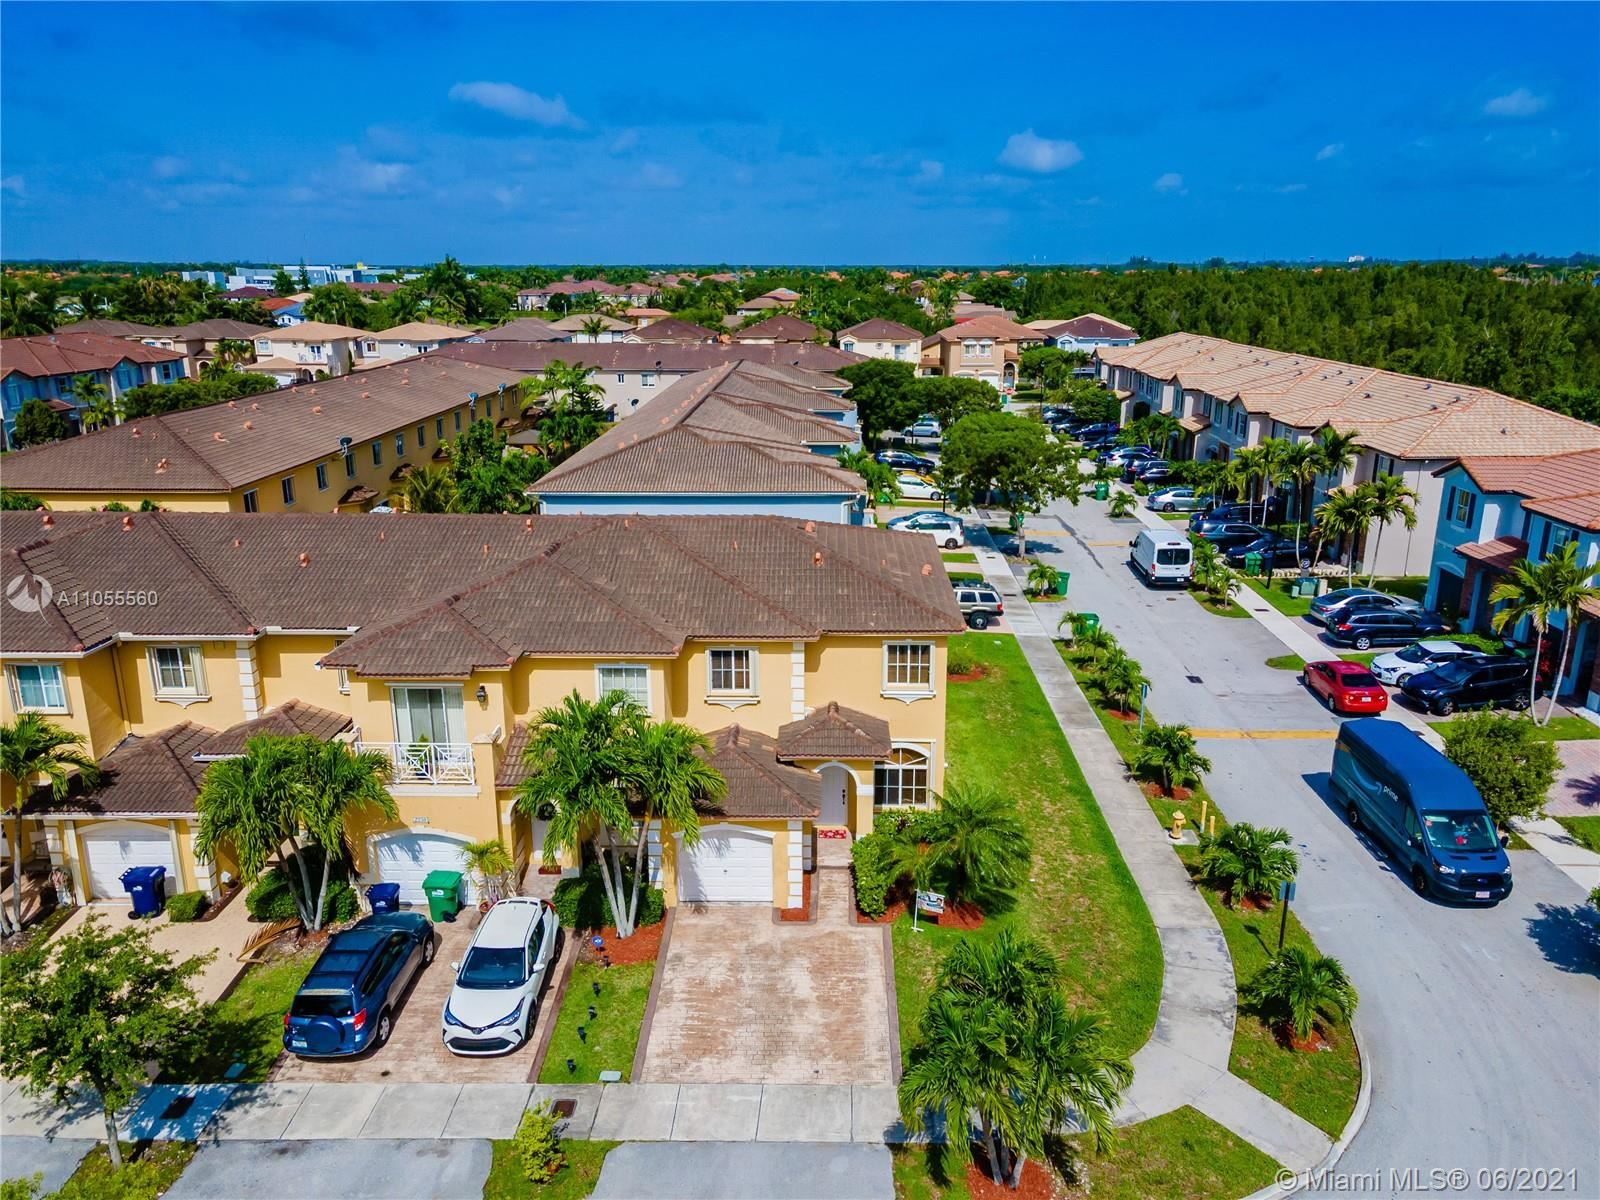 2230 SW 147th Ct, Miami, FL 33185 - #: A11055560